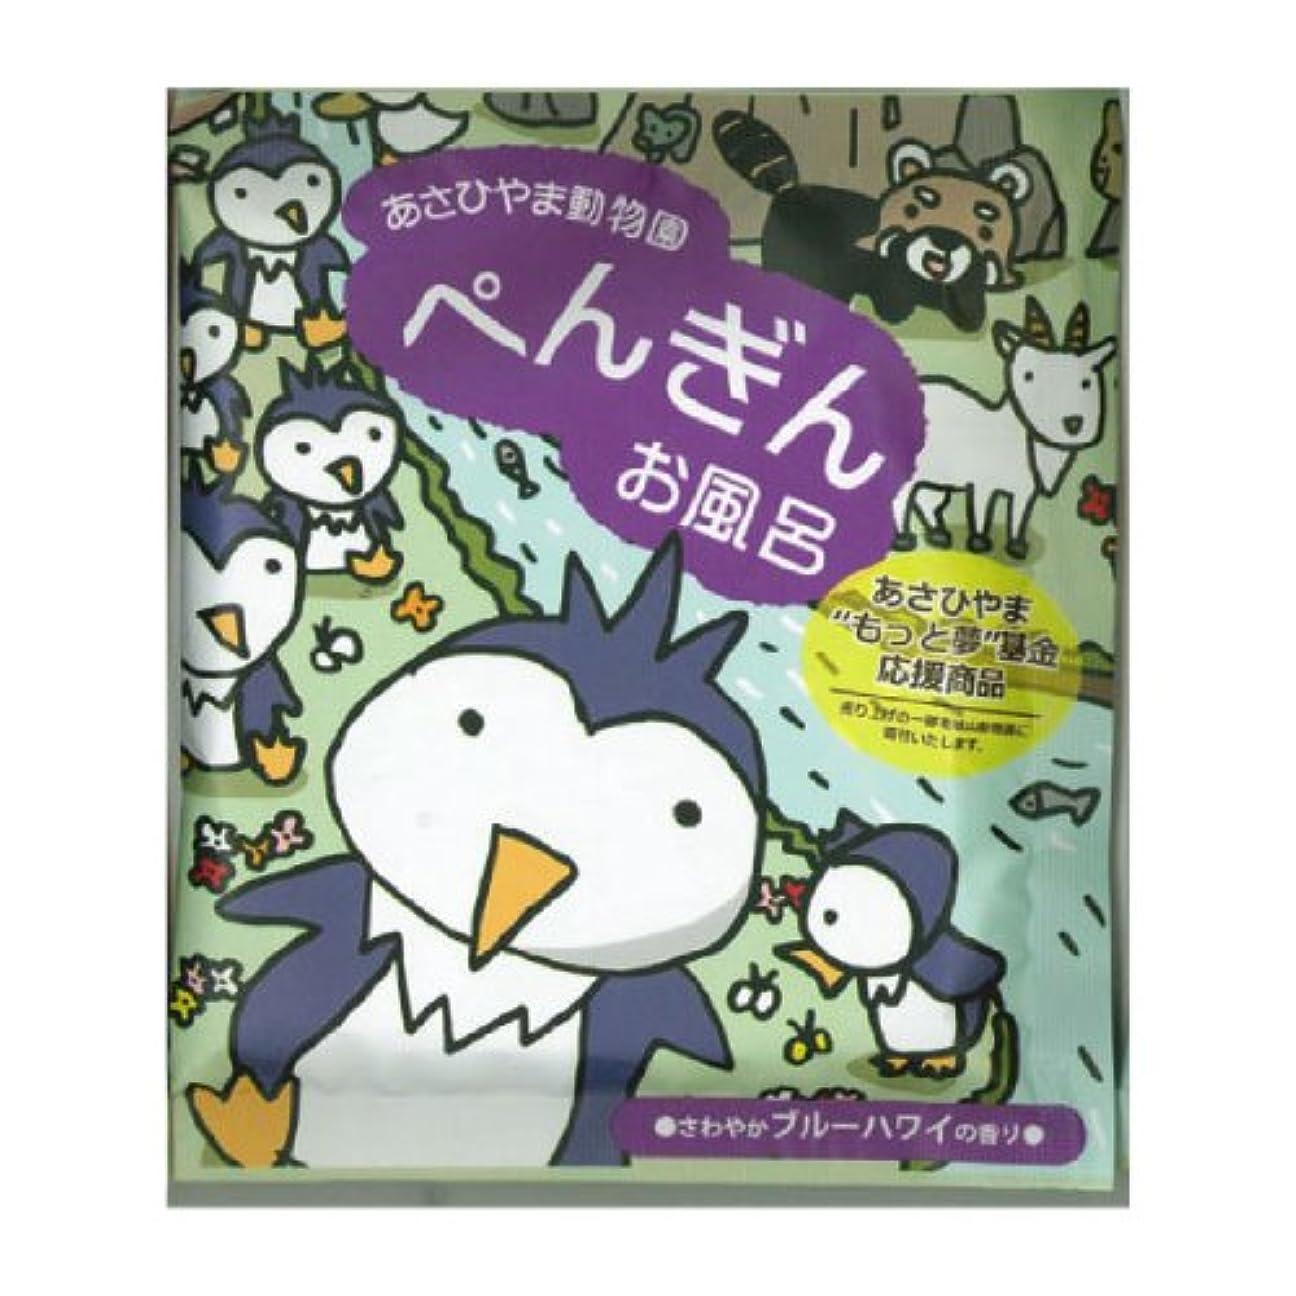 滞在明日宣教師旭山動物園のお風呂 ペンギン お風呂 50g